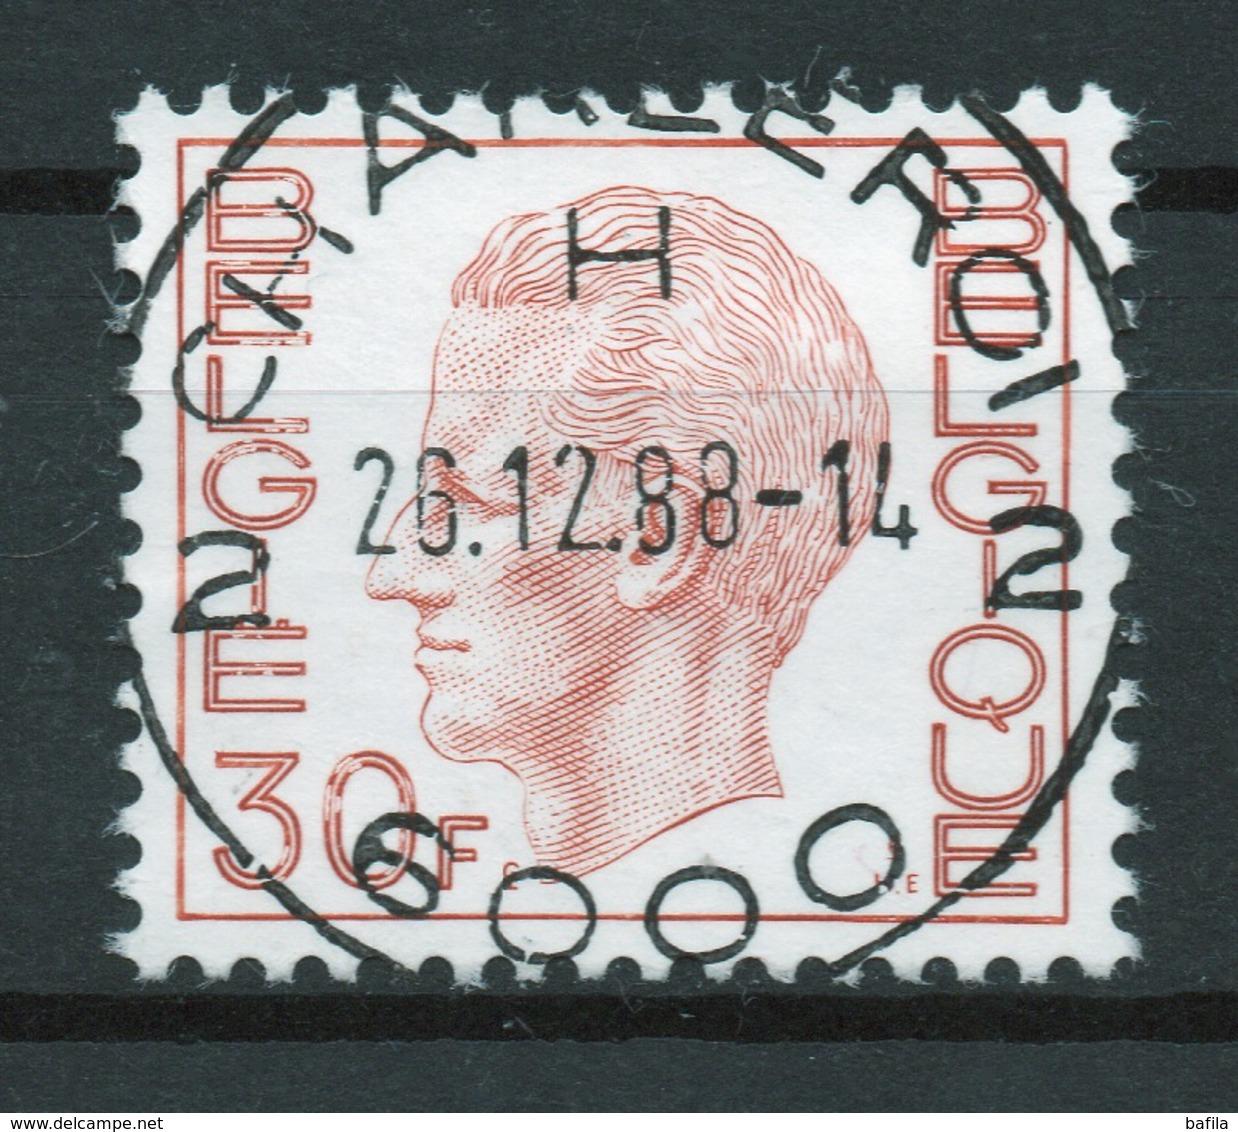 BELGIE: COB 1649 Zeer Mooi Gestempeld. - Belgique